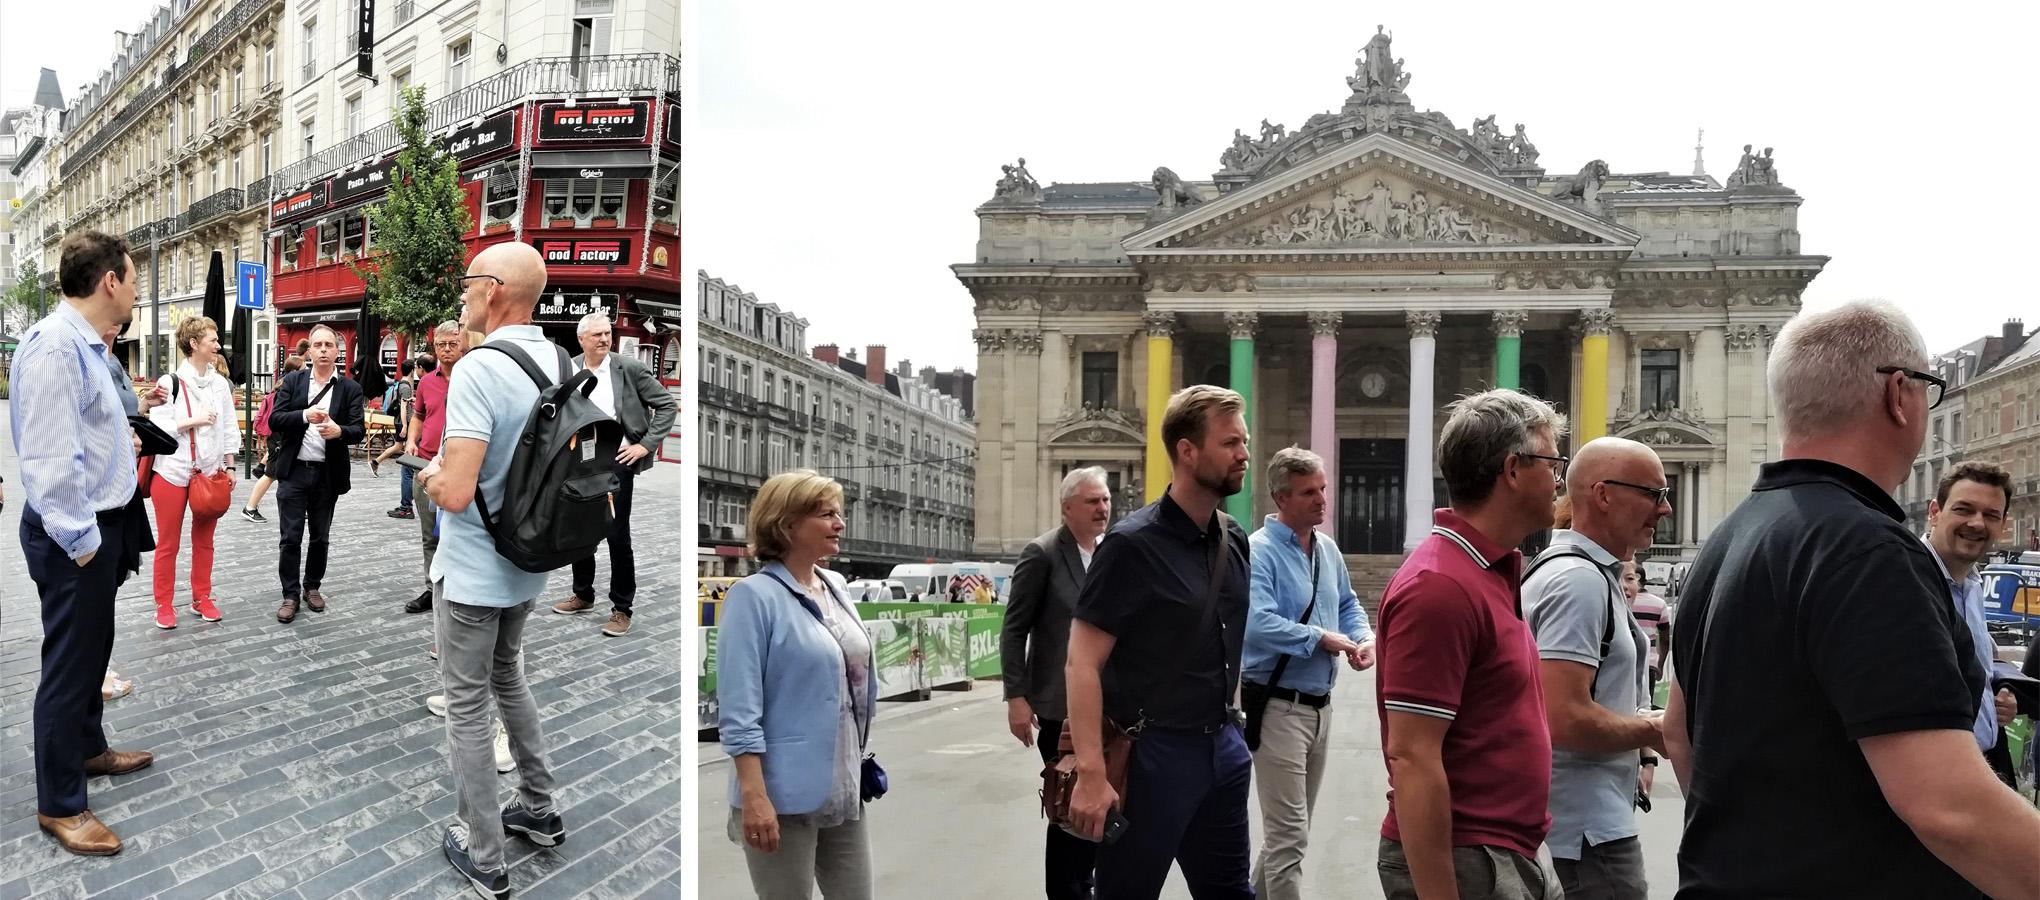 Les membres de la délégation norvégienne écoutent le guide et ensuite passent devant la Bourse, Bruxelles